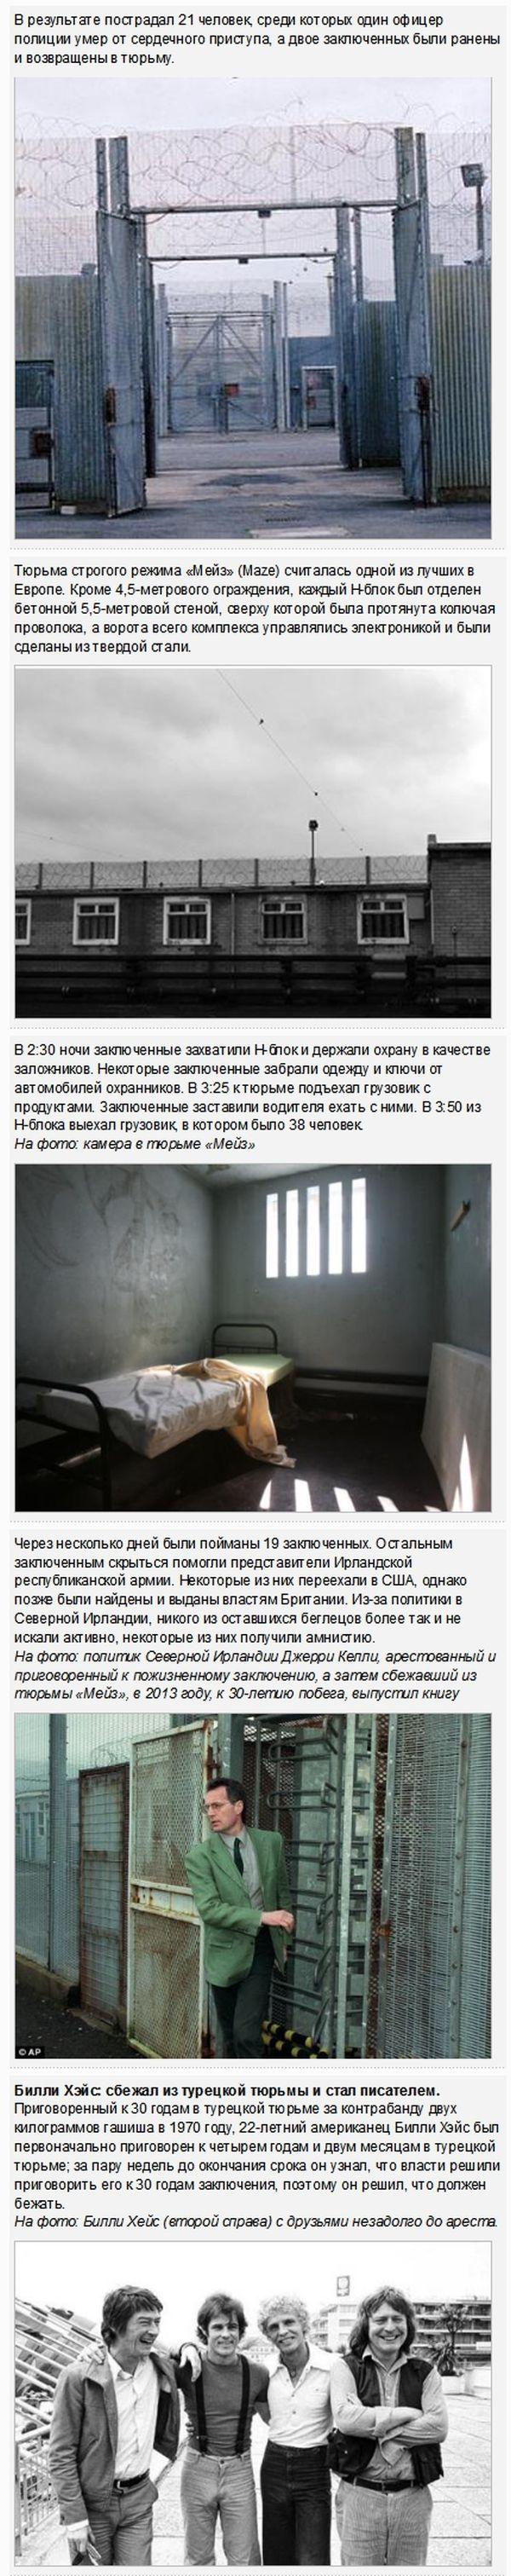 Немыслимые истории побегов из тюрьмы